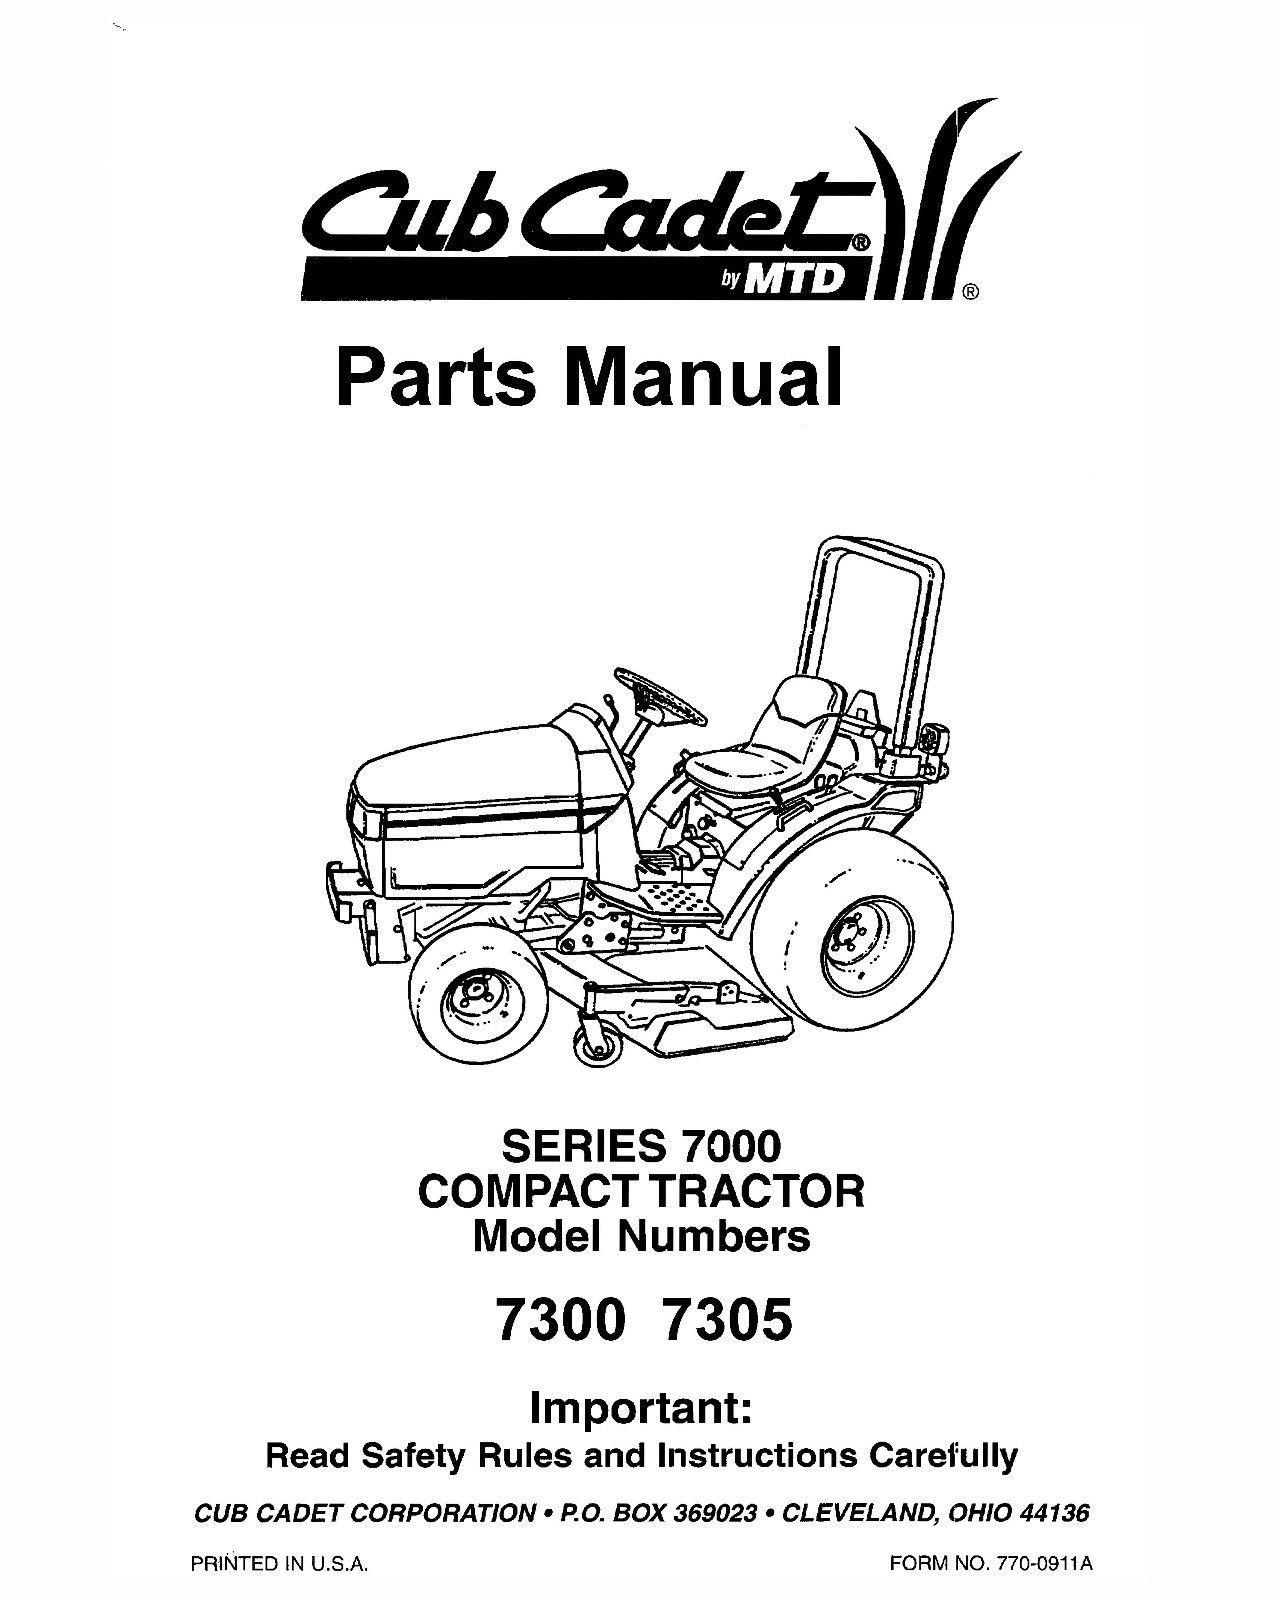 Cub Cadet 7000 Series Compact Lawn Tractor Parts Manual Model No. 7300-7305